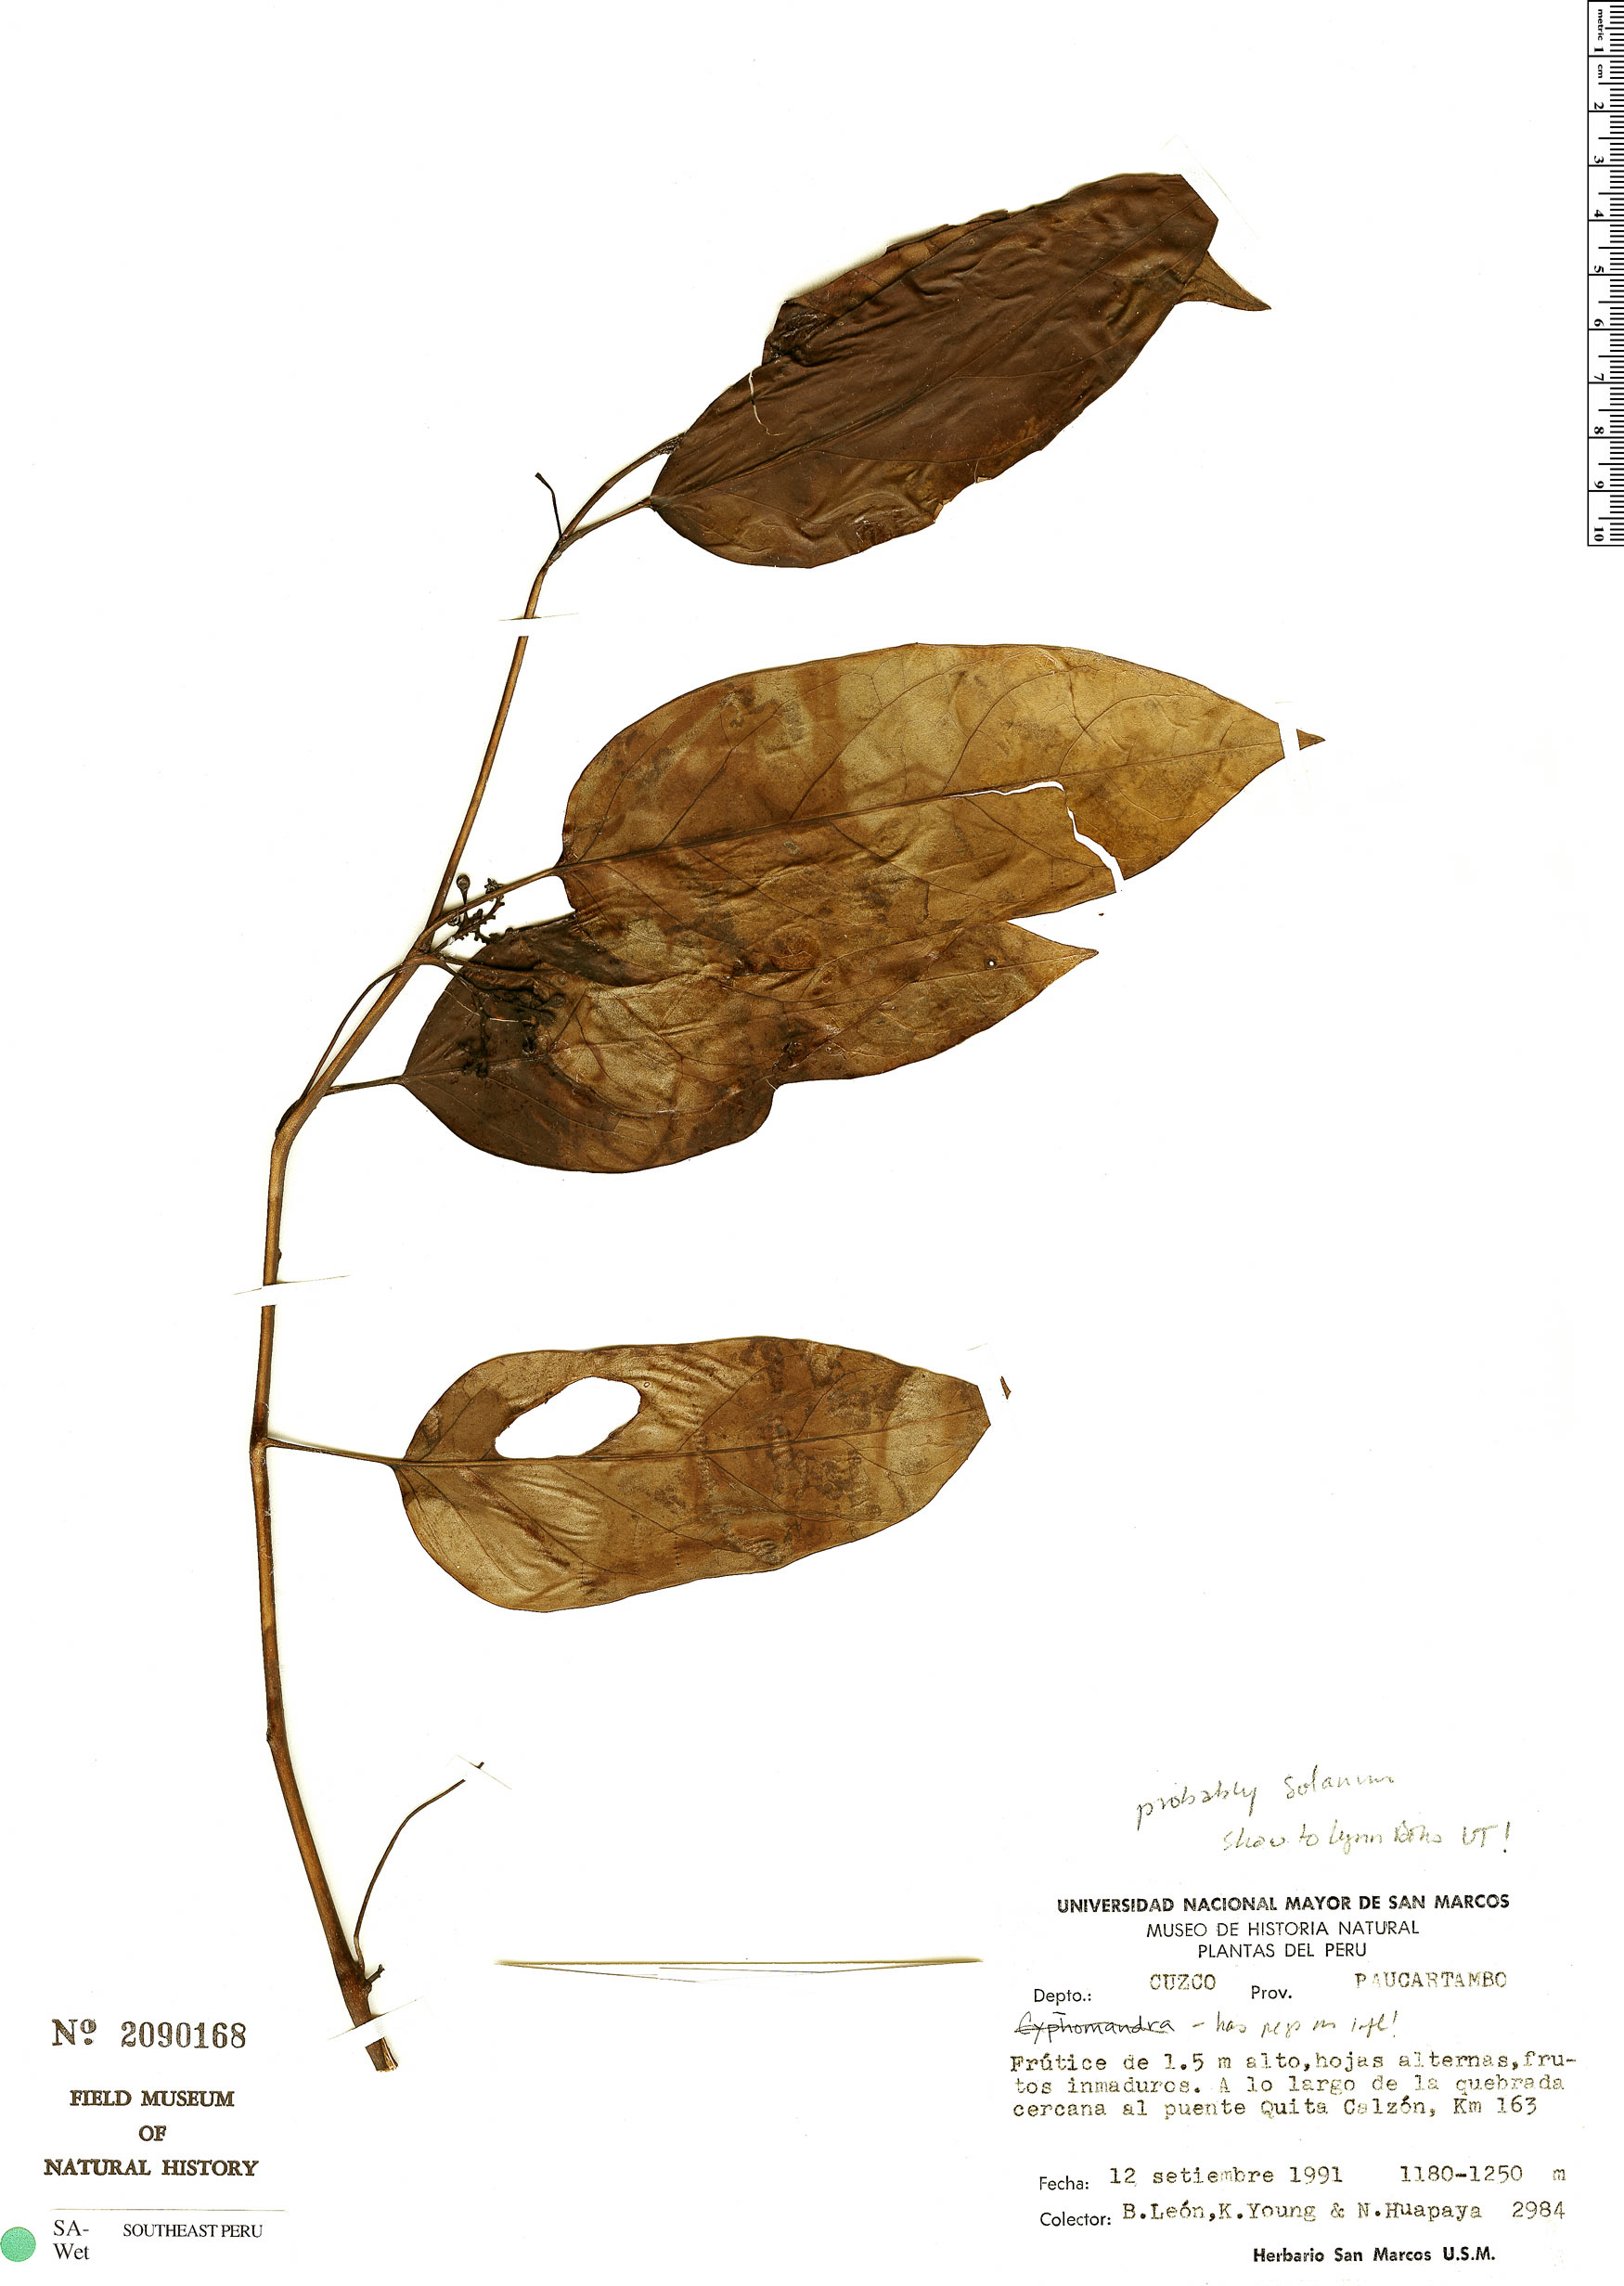 Specimen: Solanum roseum